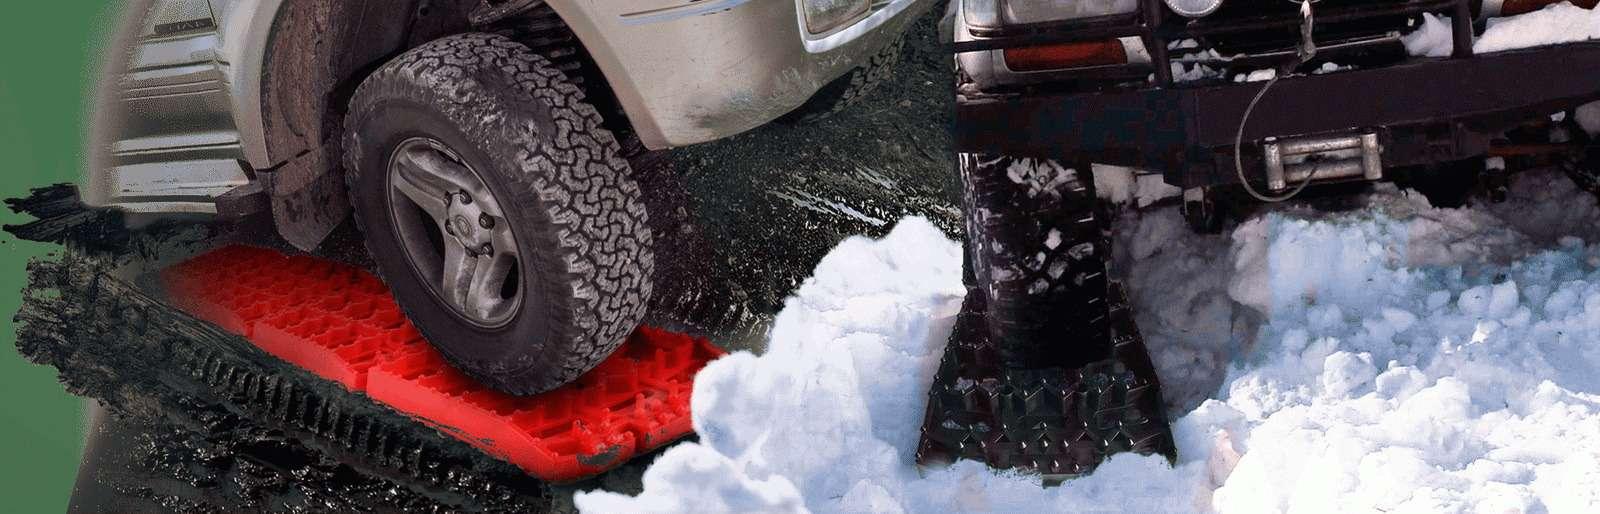 Цепи, браслеты иремни наколеса: свобода назимней дороге— фото 924876